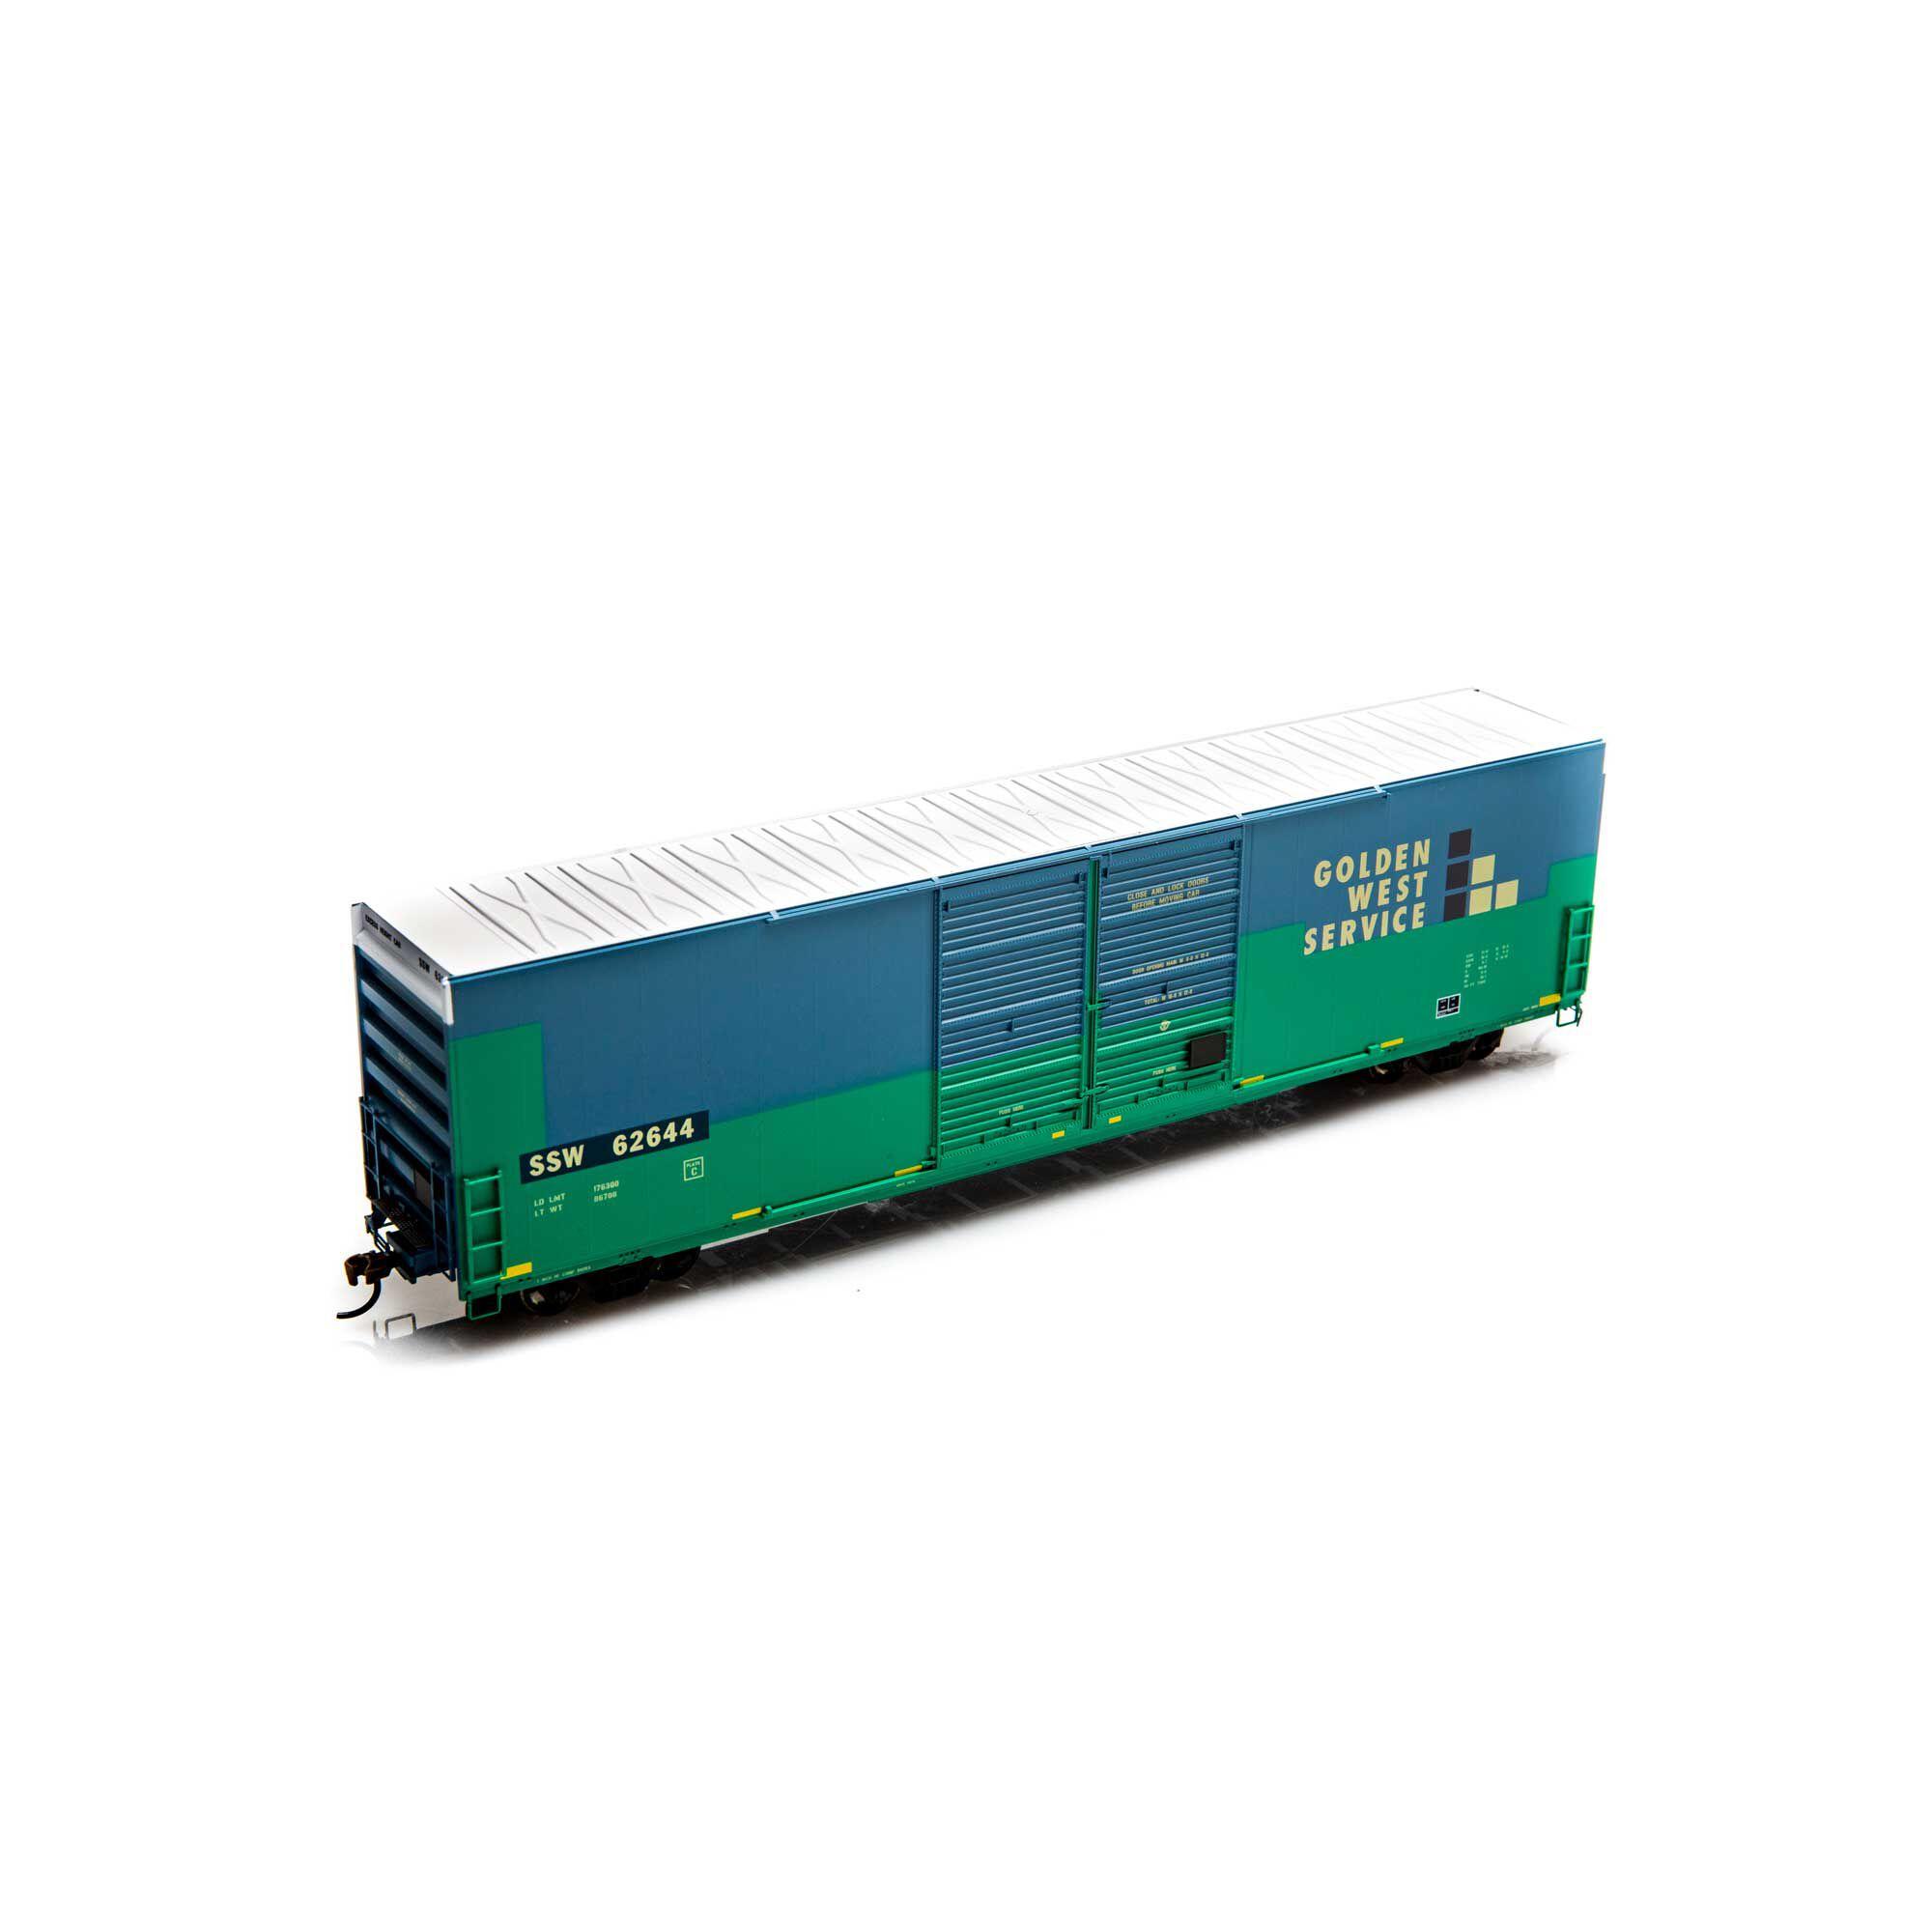 Athearn 87178 HO FMC 60' DD Hi-Cube Box, SSW/Ex-GWS #62644